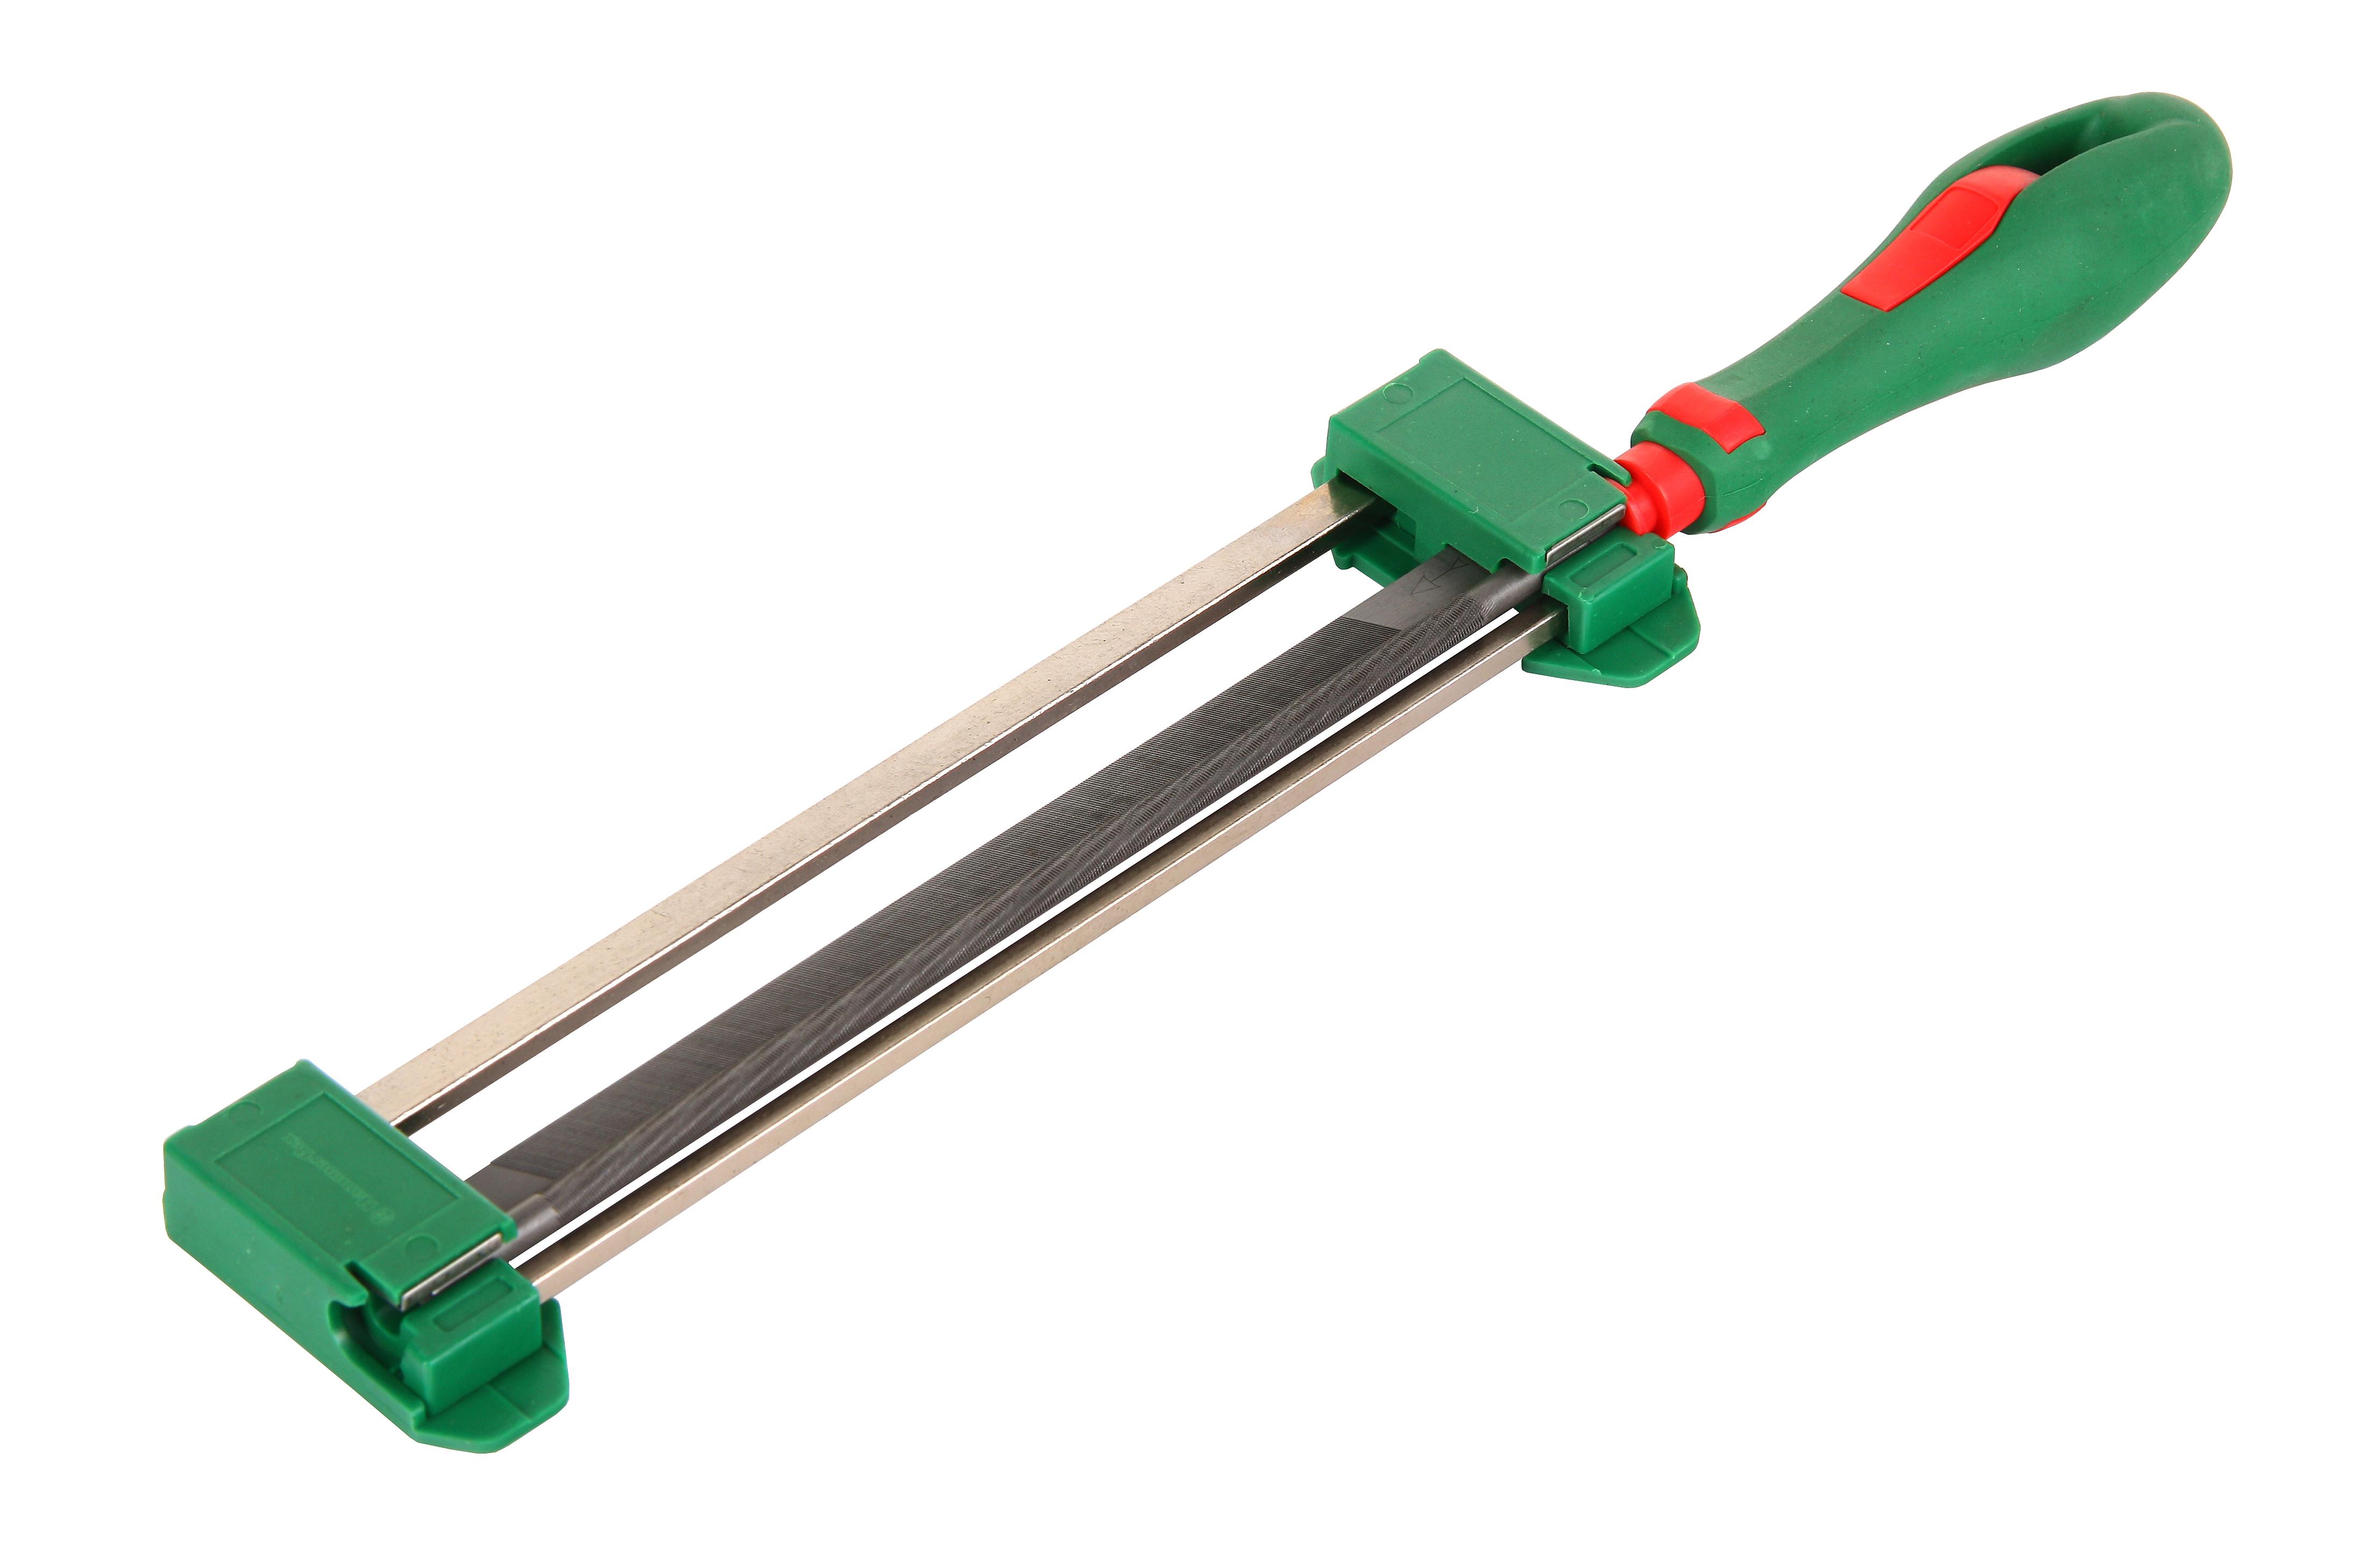 Набор HammerНапильники<br>Материал: металл,<br>Форма напильника: круглый,<br>Тип напильника по насечке: личной,<br>Рашпиль: есть,<br>Набор: есть,<br>Страна происхождения: Китай,<br>Название на английском: All-in-one chain saw file guide Hammer Flex 401-101 № 1  diameter 5,2мм<br>